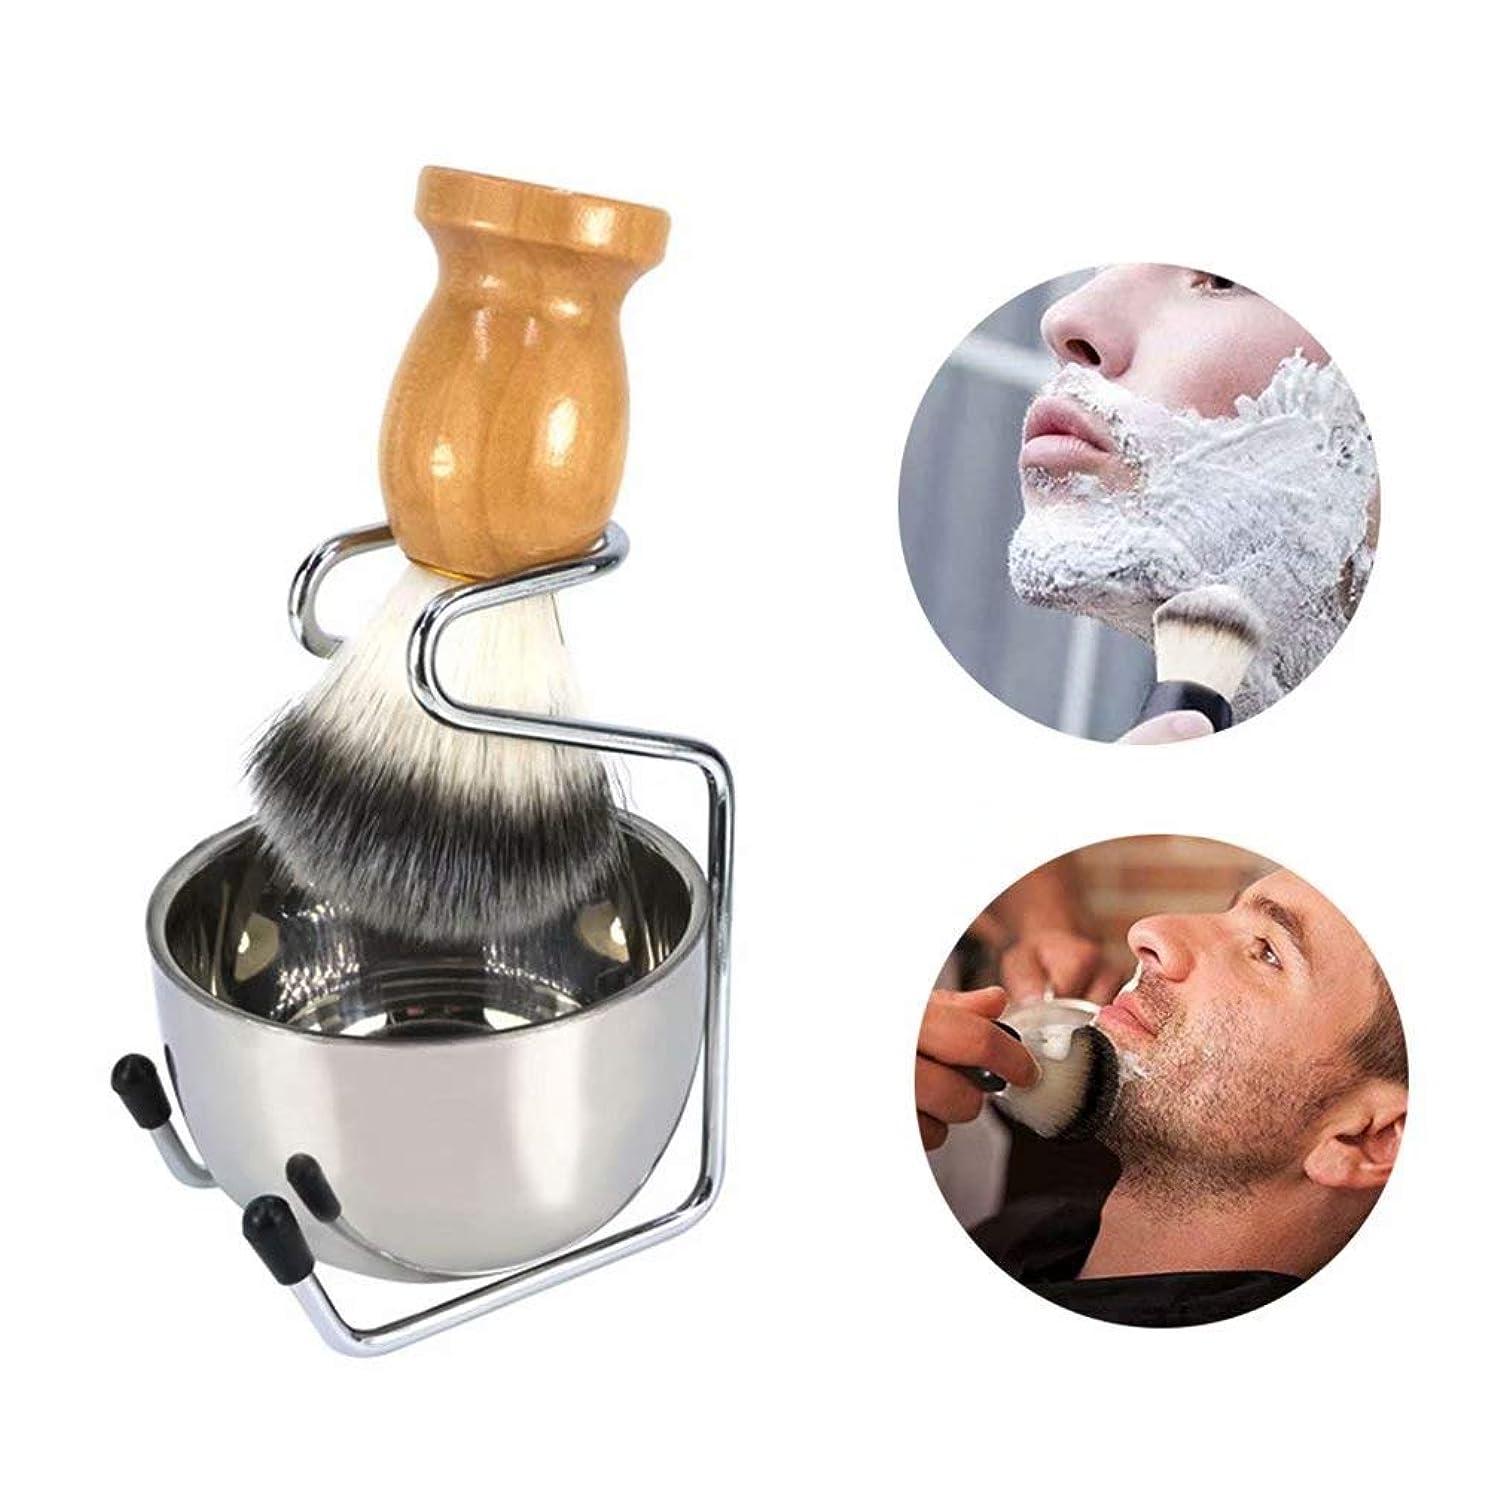 シェービング用ブラシ ひげブラシ シェービングブラシセット 3点セット純粋なバッガーヘアシェービングブラシ ステンレス製の剃刀スタンド ステンレススチールシェービング石鹸ボウル 髭剃り 泡立ち 洗顔ブラシ メンズ ブラック